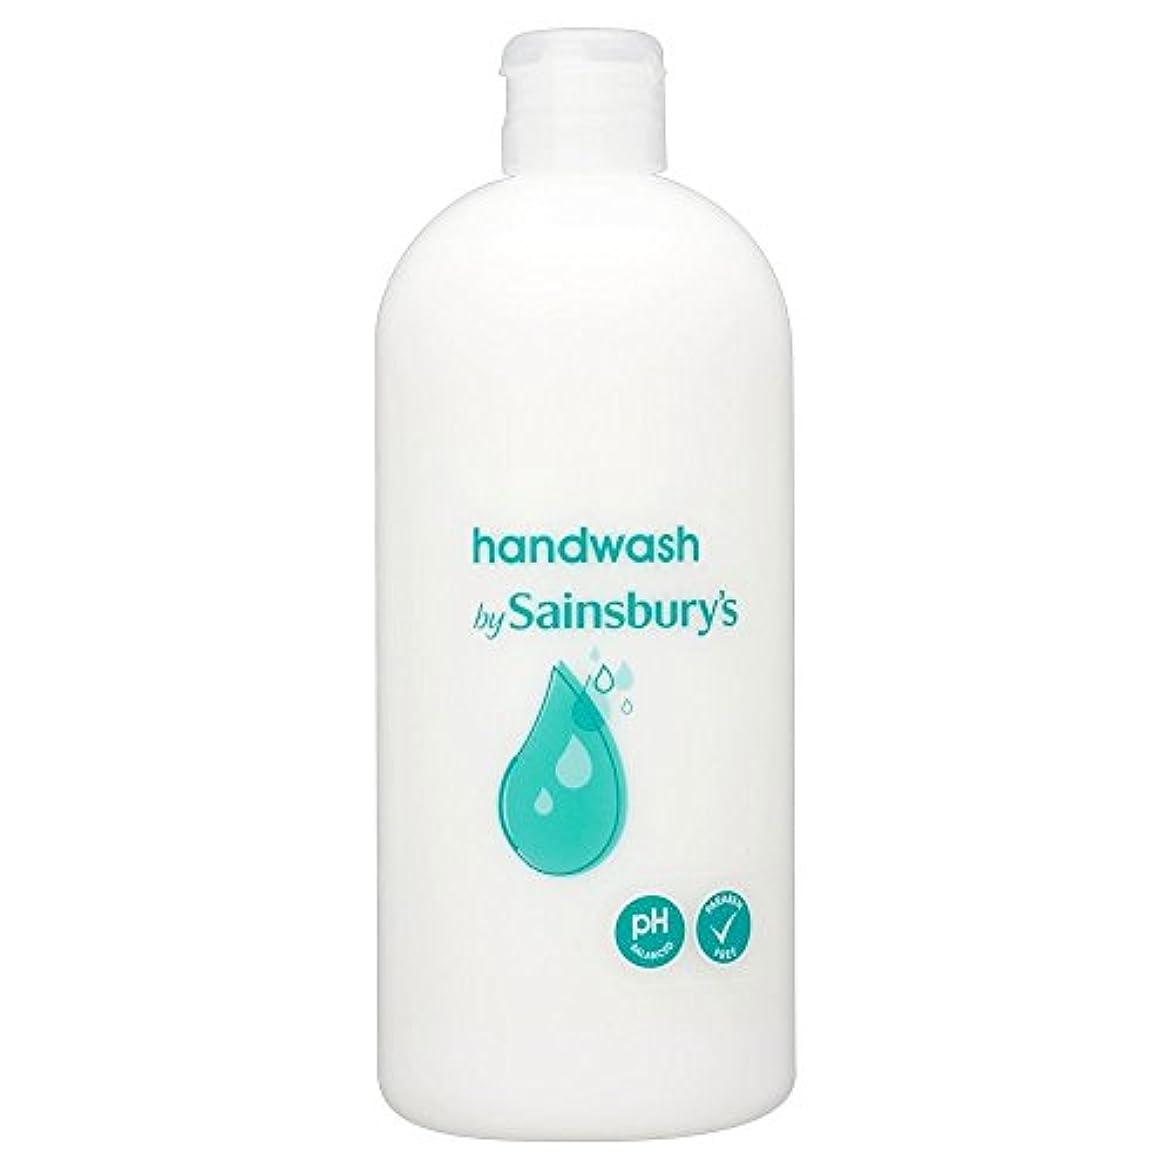 復活シャーク手のひらSainsbury's Handwash, White Refill 500ml (Pack of 4) - (Sainsbury's) 手洗い、白リフィル500ミリリットル (x4) [並行輸入品]